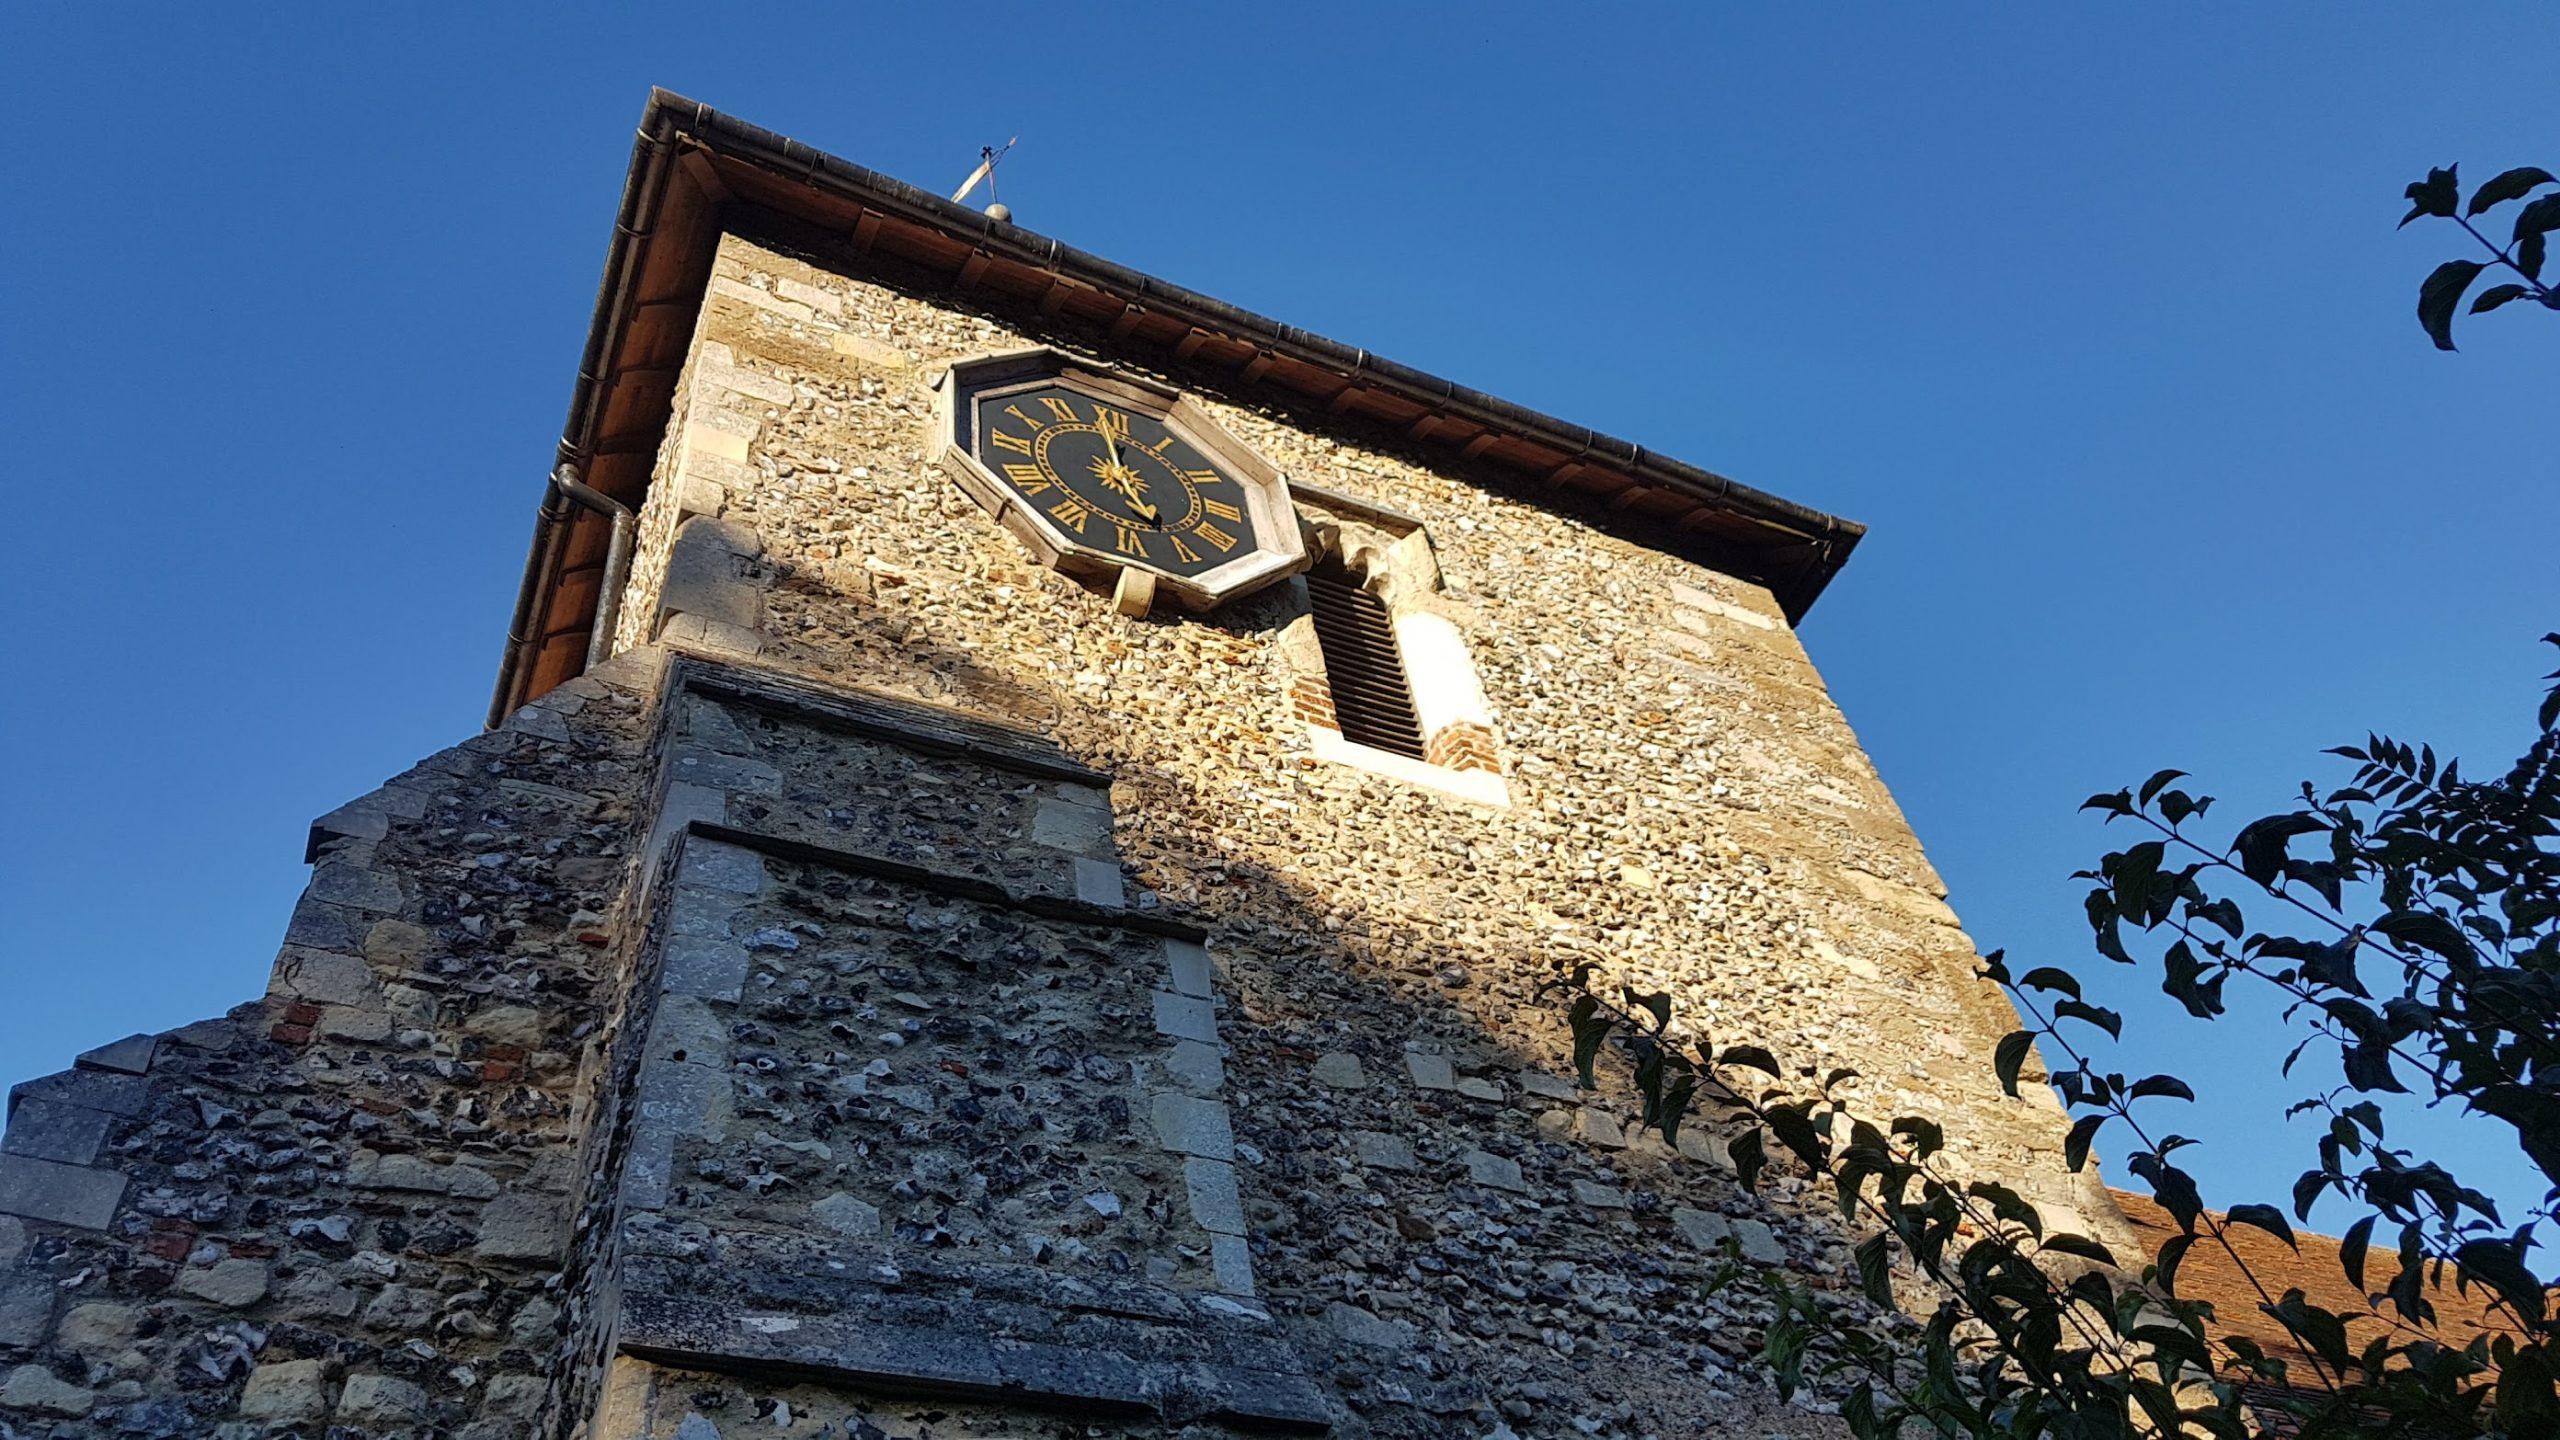 Church Clock Repairs